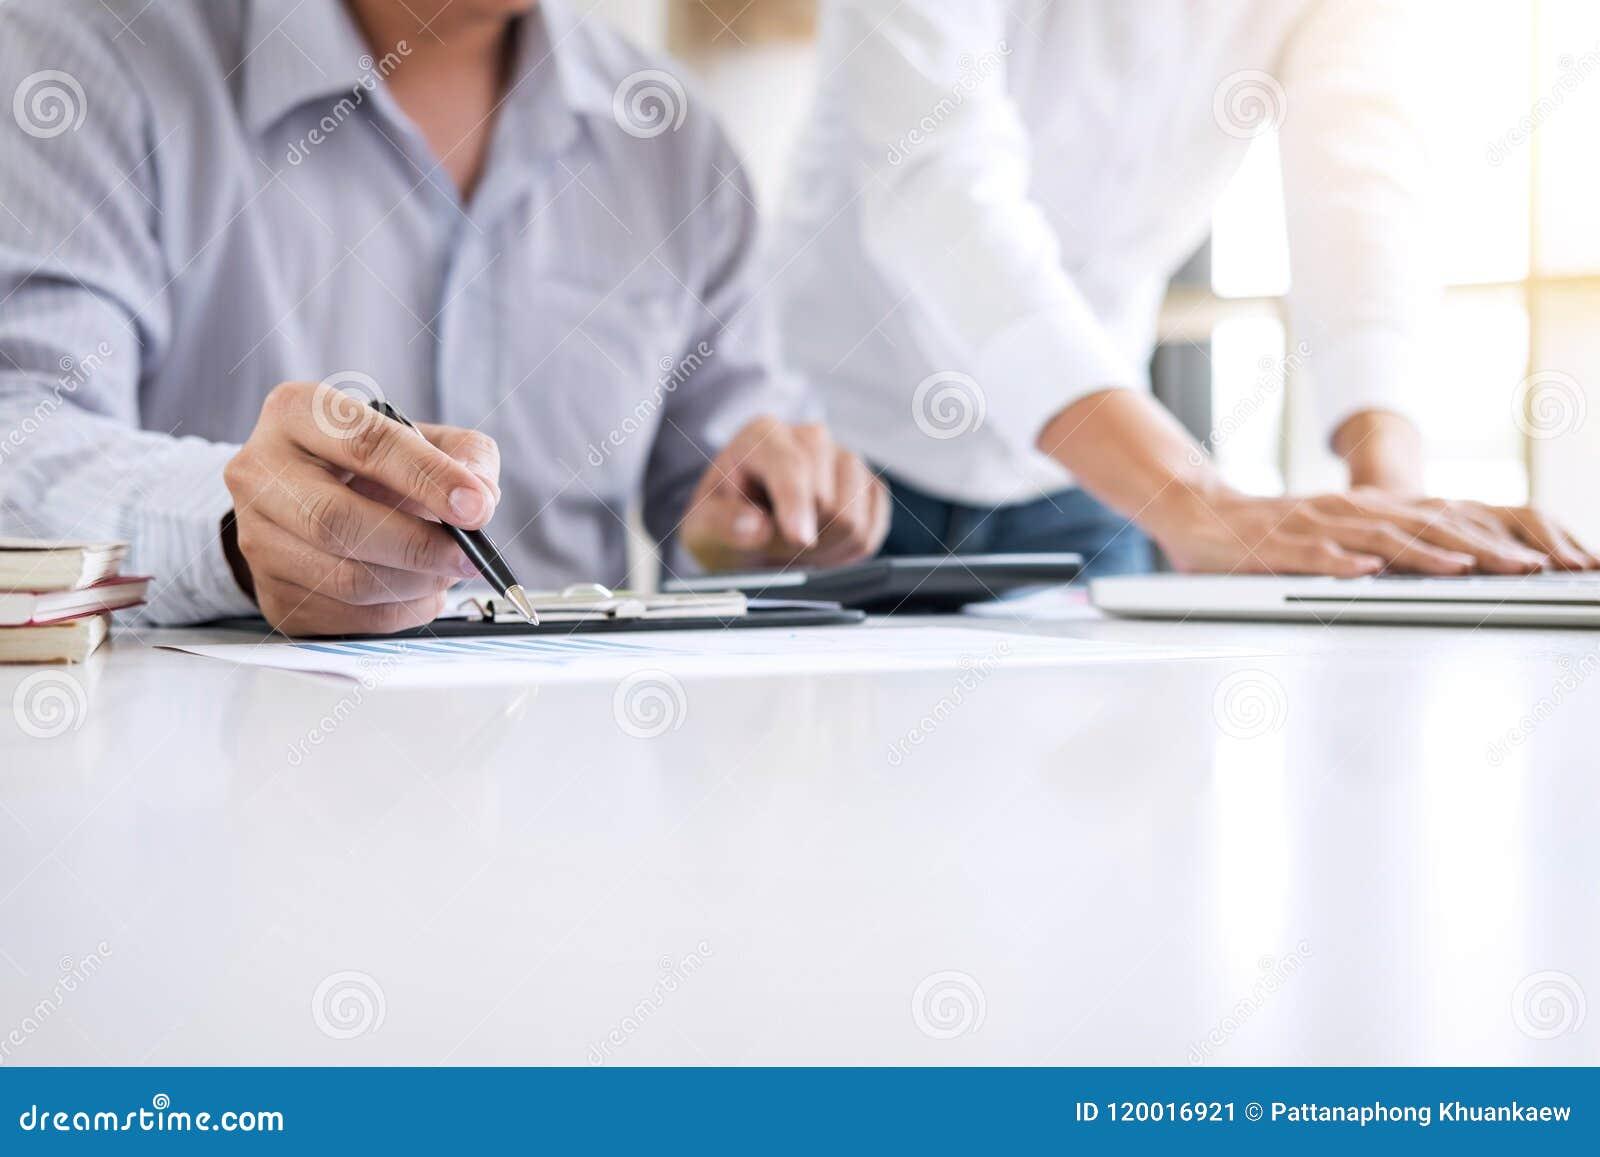 企业会计或银行家,商务伙伴计算和